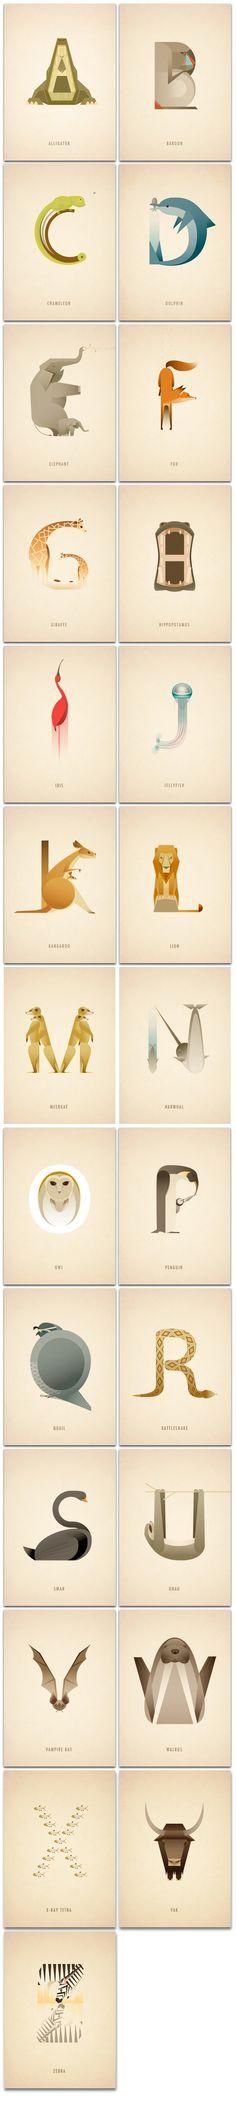 Animal_Alpabet01 #tipography #animal